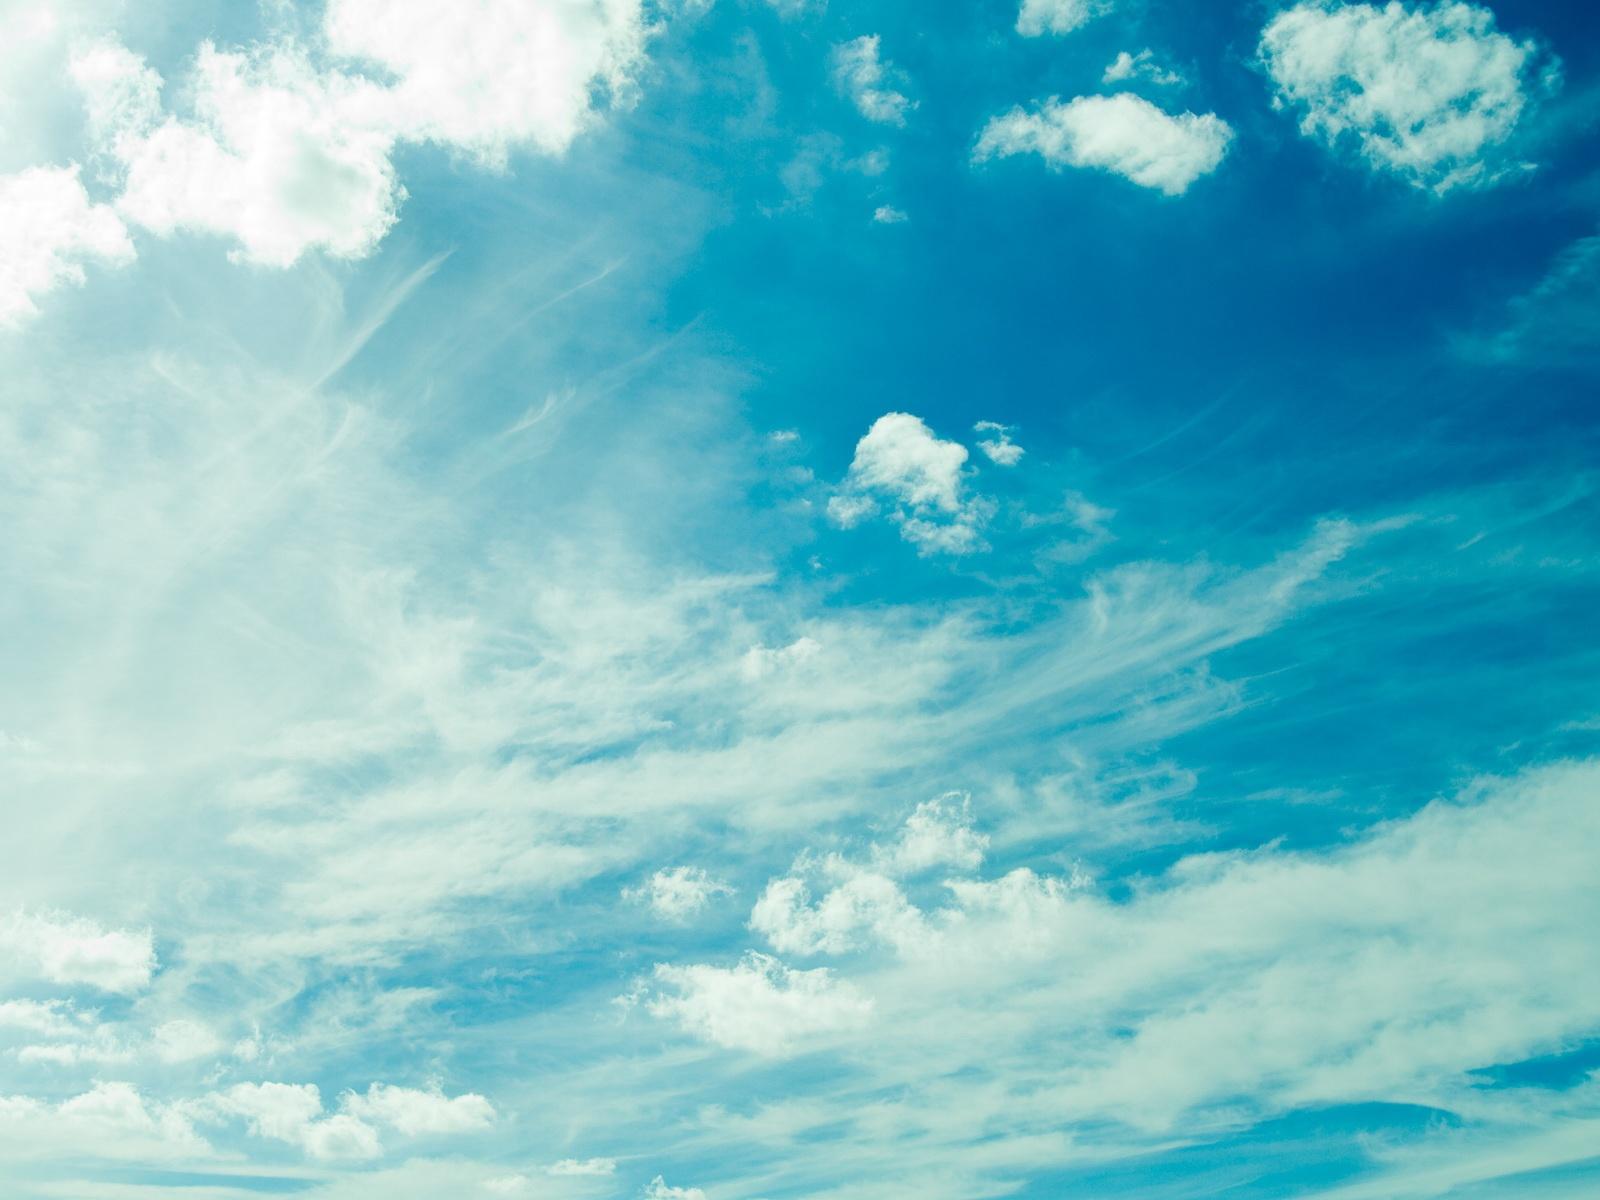 Fond d'ecran Nuages dans le ciel - Wallpaper